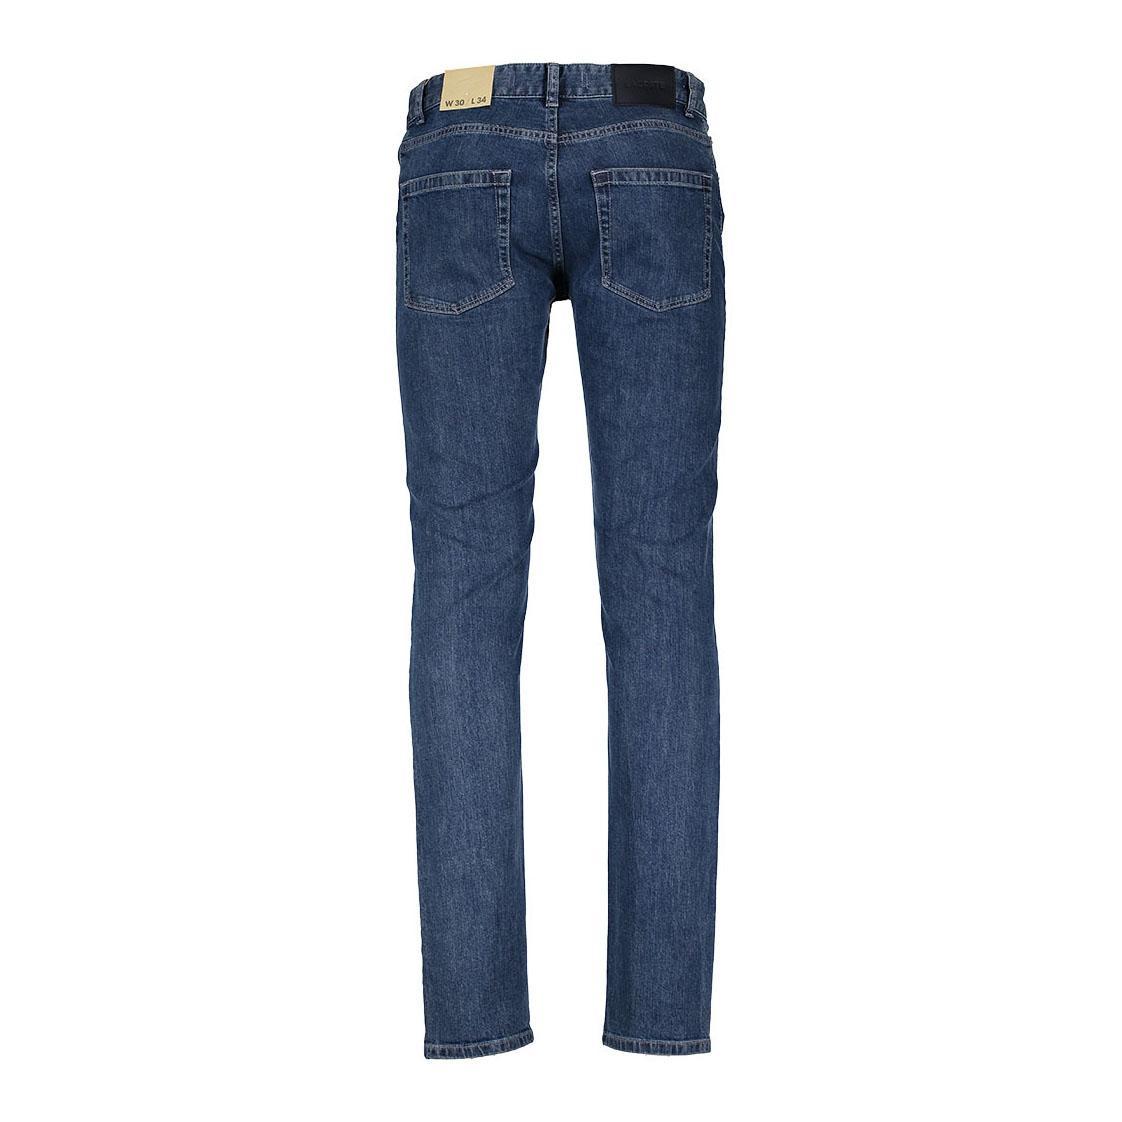 pants-lacoste-hh3229-pants